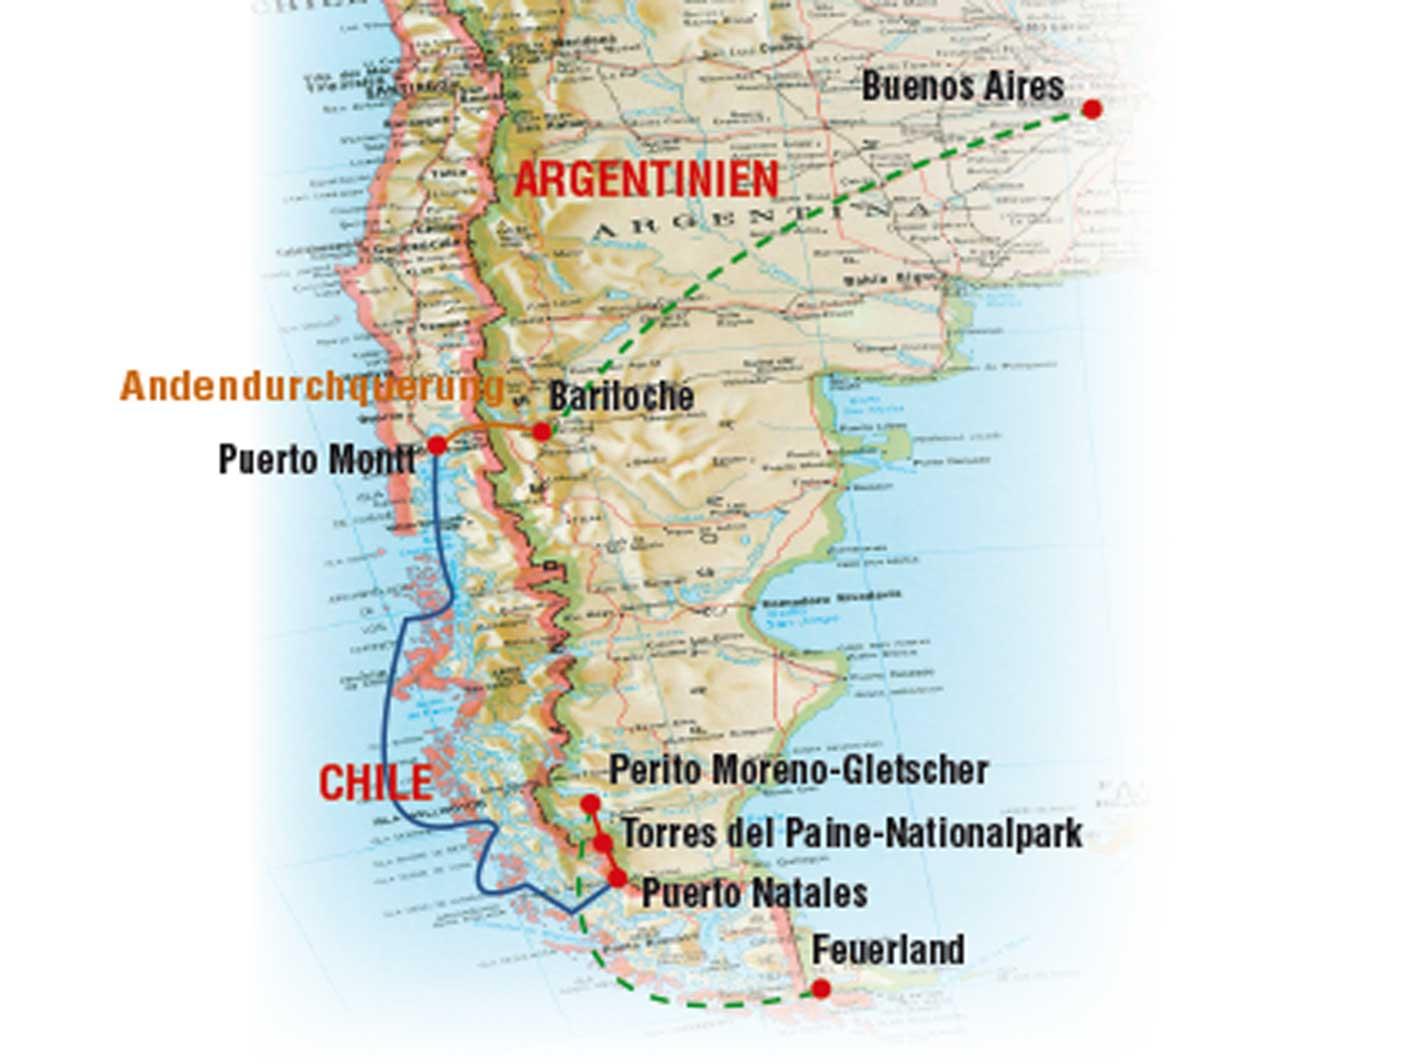 Patagonien Schifffahrten, Reiseroute